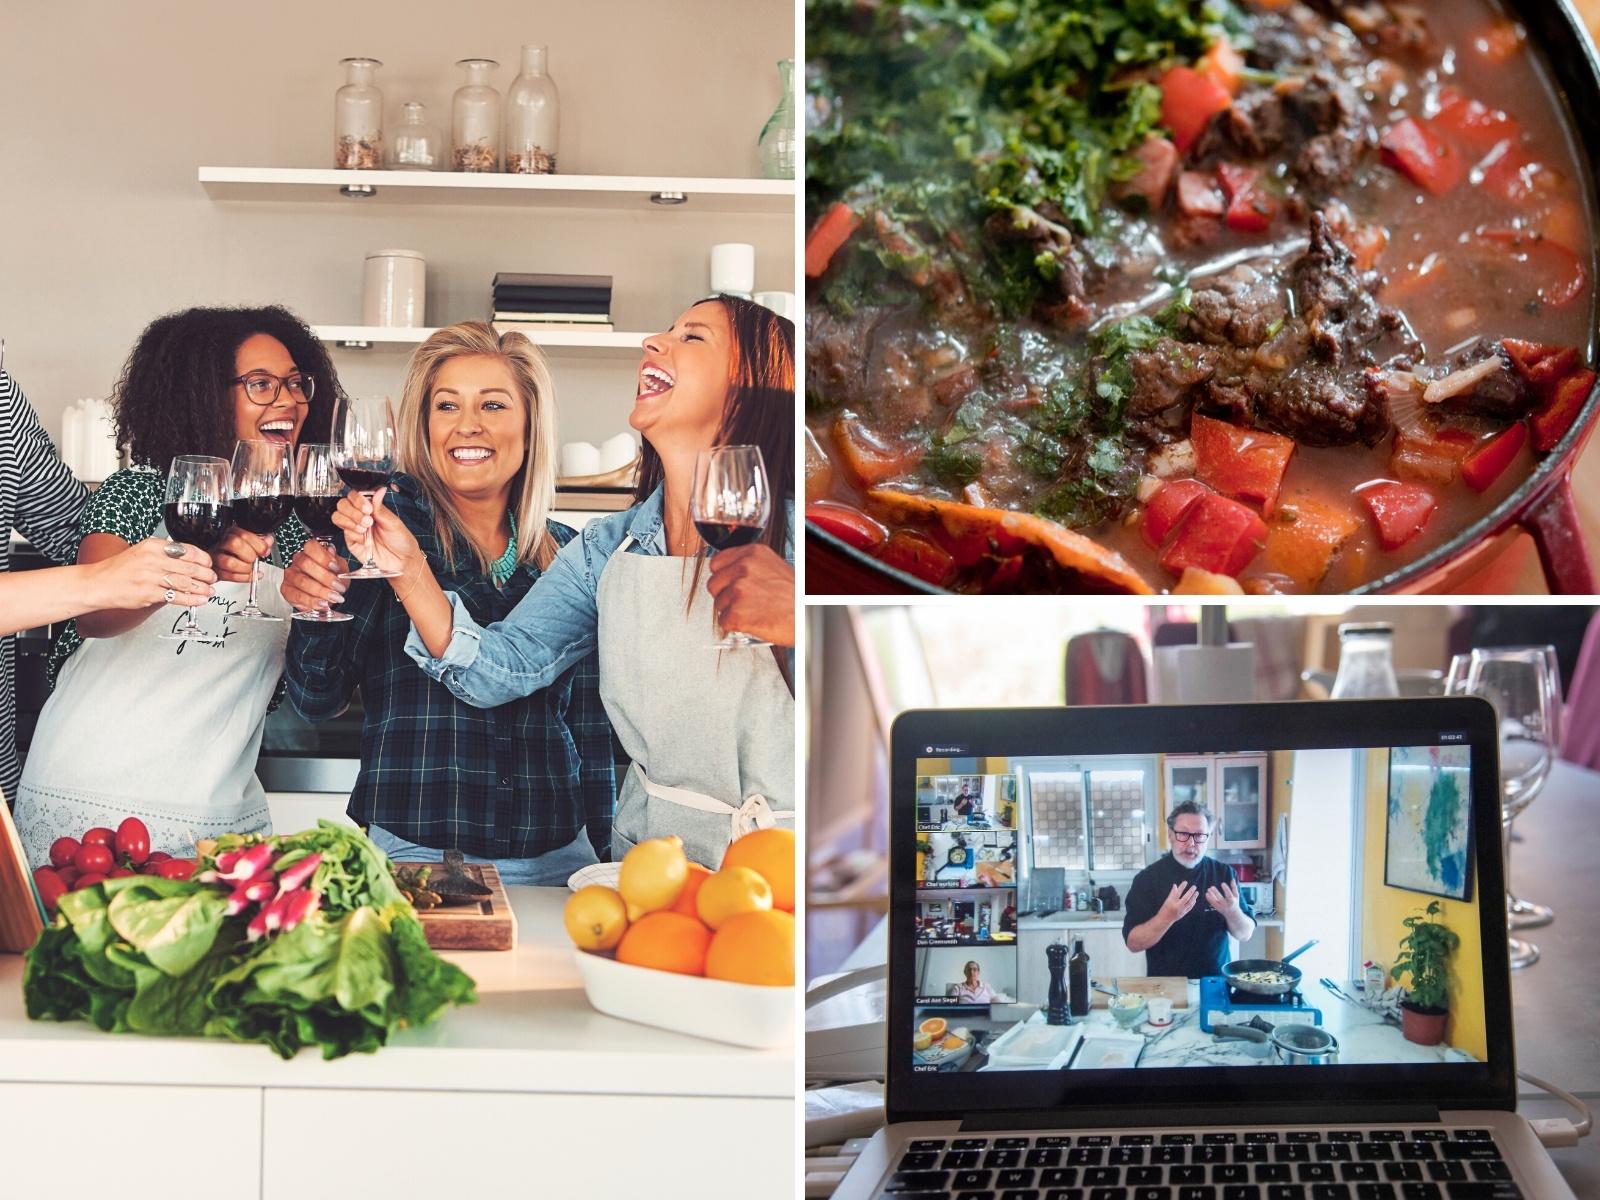 clase virtual de cocina francesa